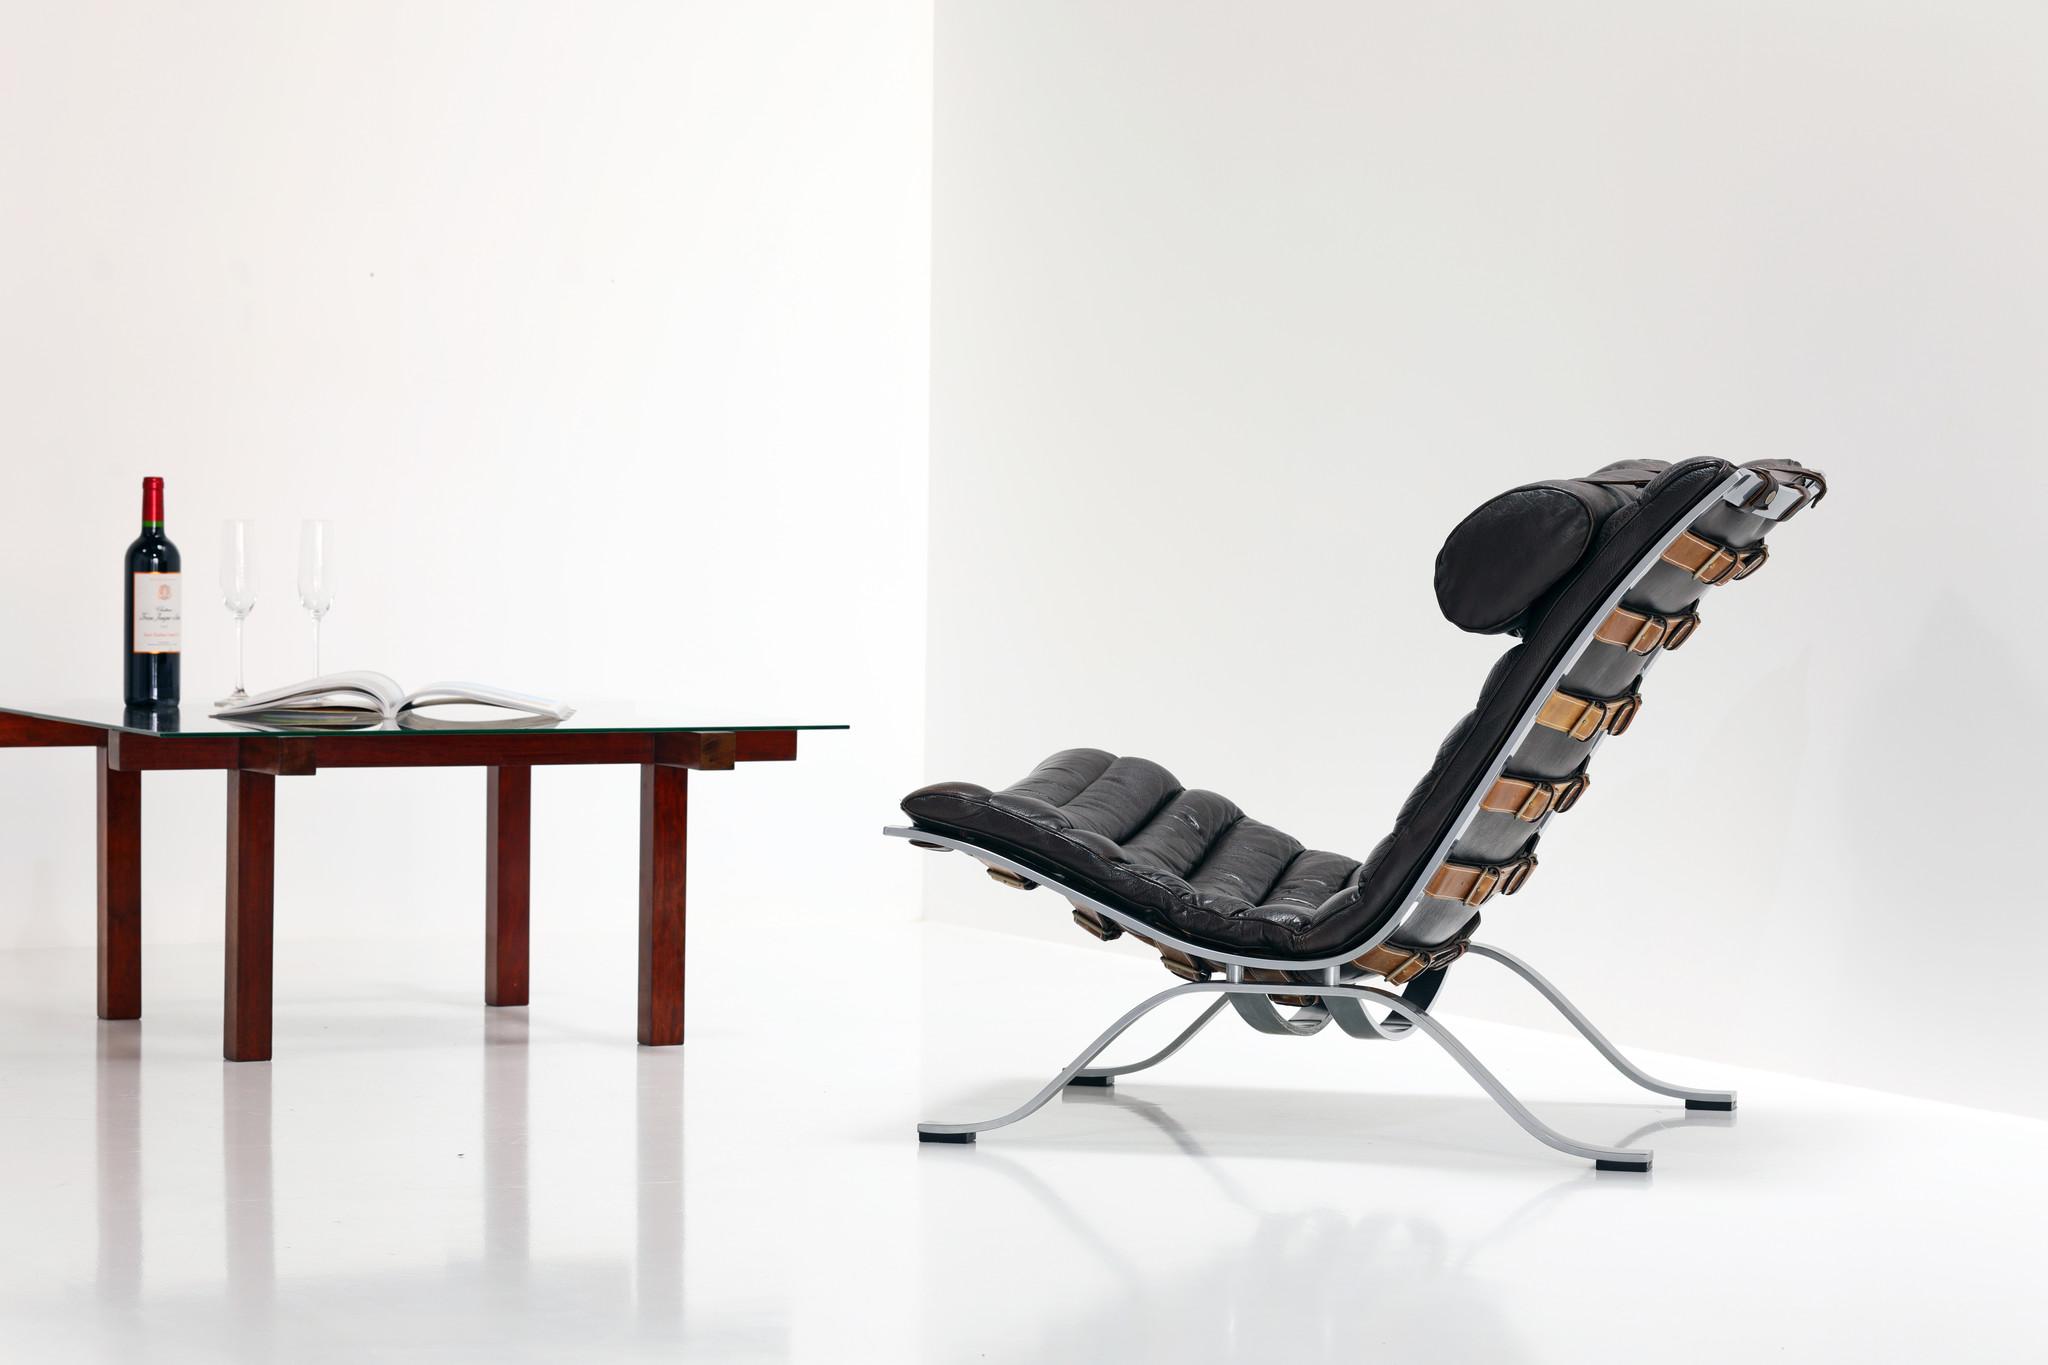 Ari Lounge chair ontworpen door Arne Norell voor Möbel AB Arne Norell, 1966